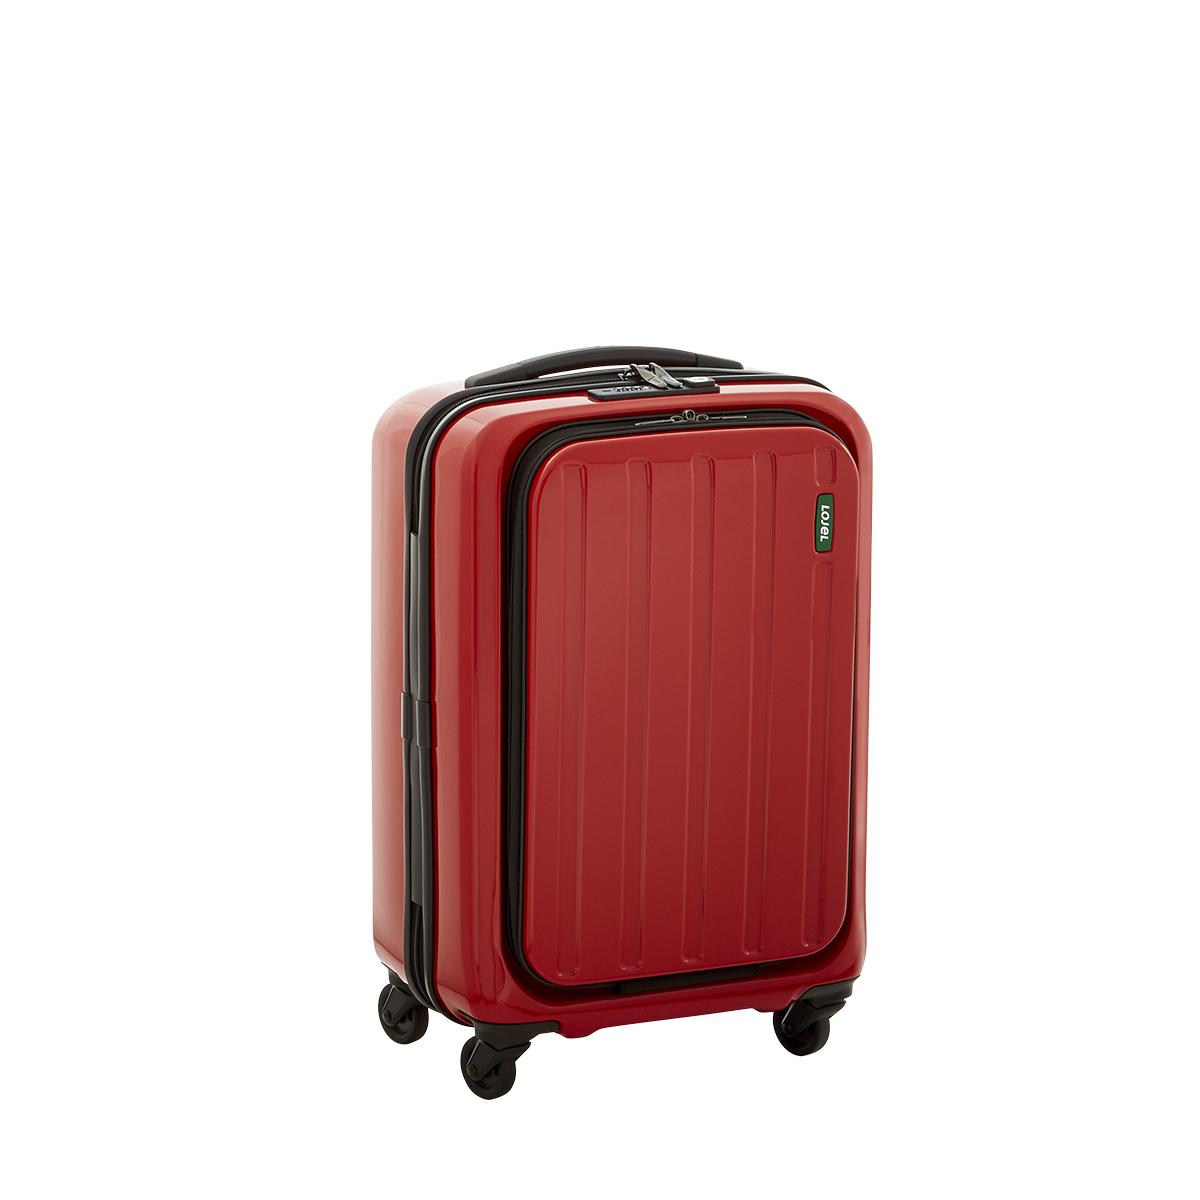 Lucid 4-Wheeled Luggage